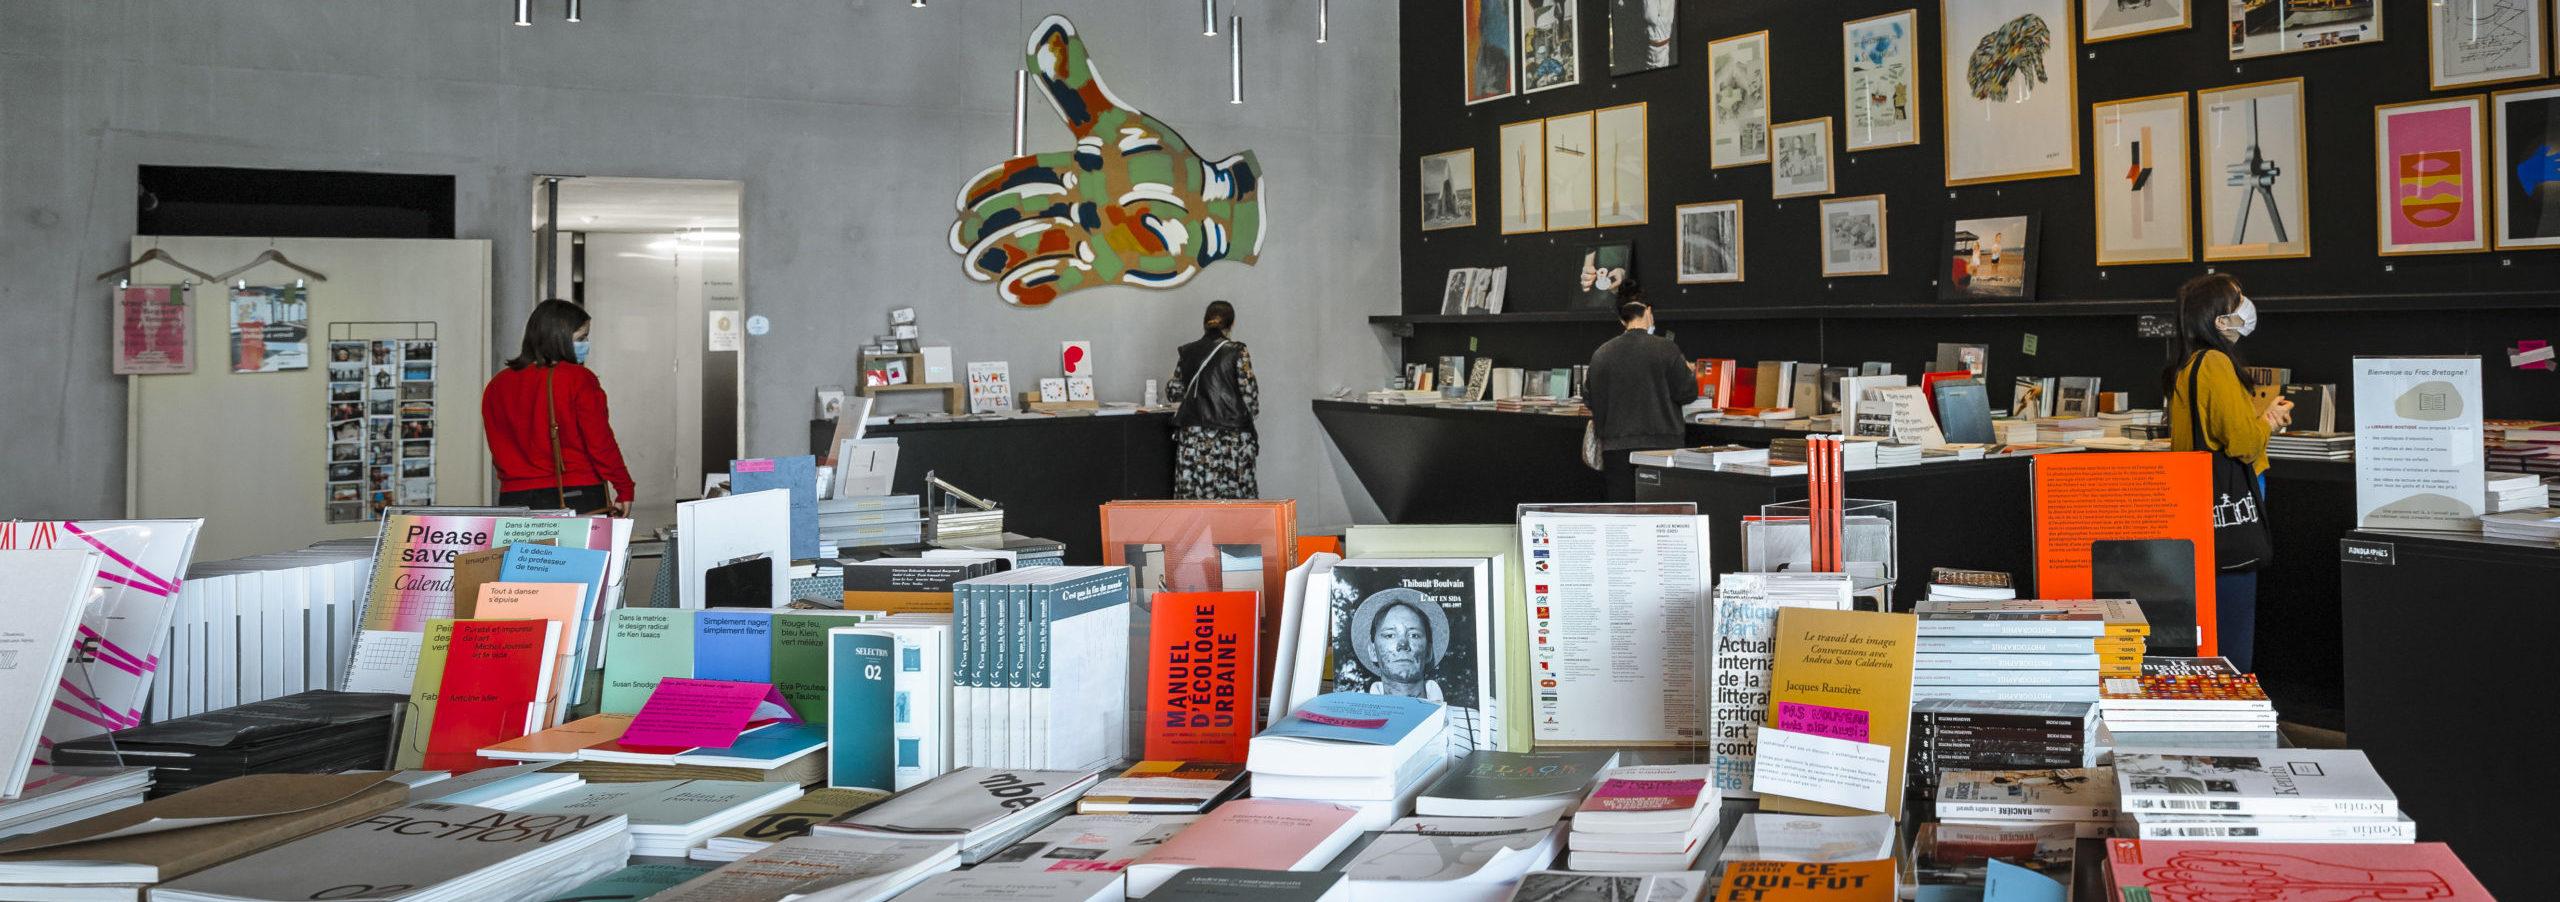 La boutique-librairie du Frac Bretagne - Crédit photo : Jérôme Sevrette